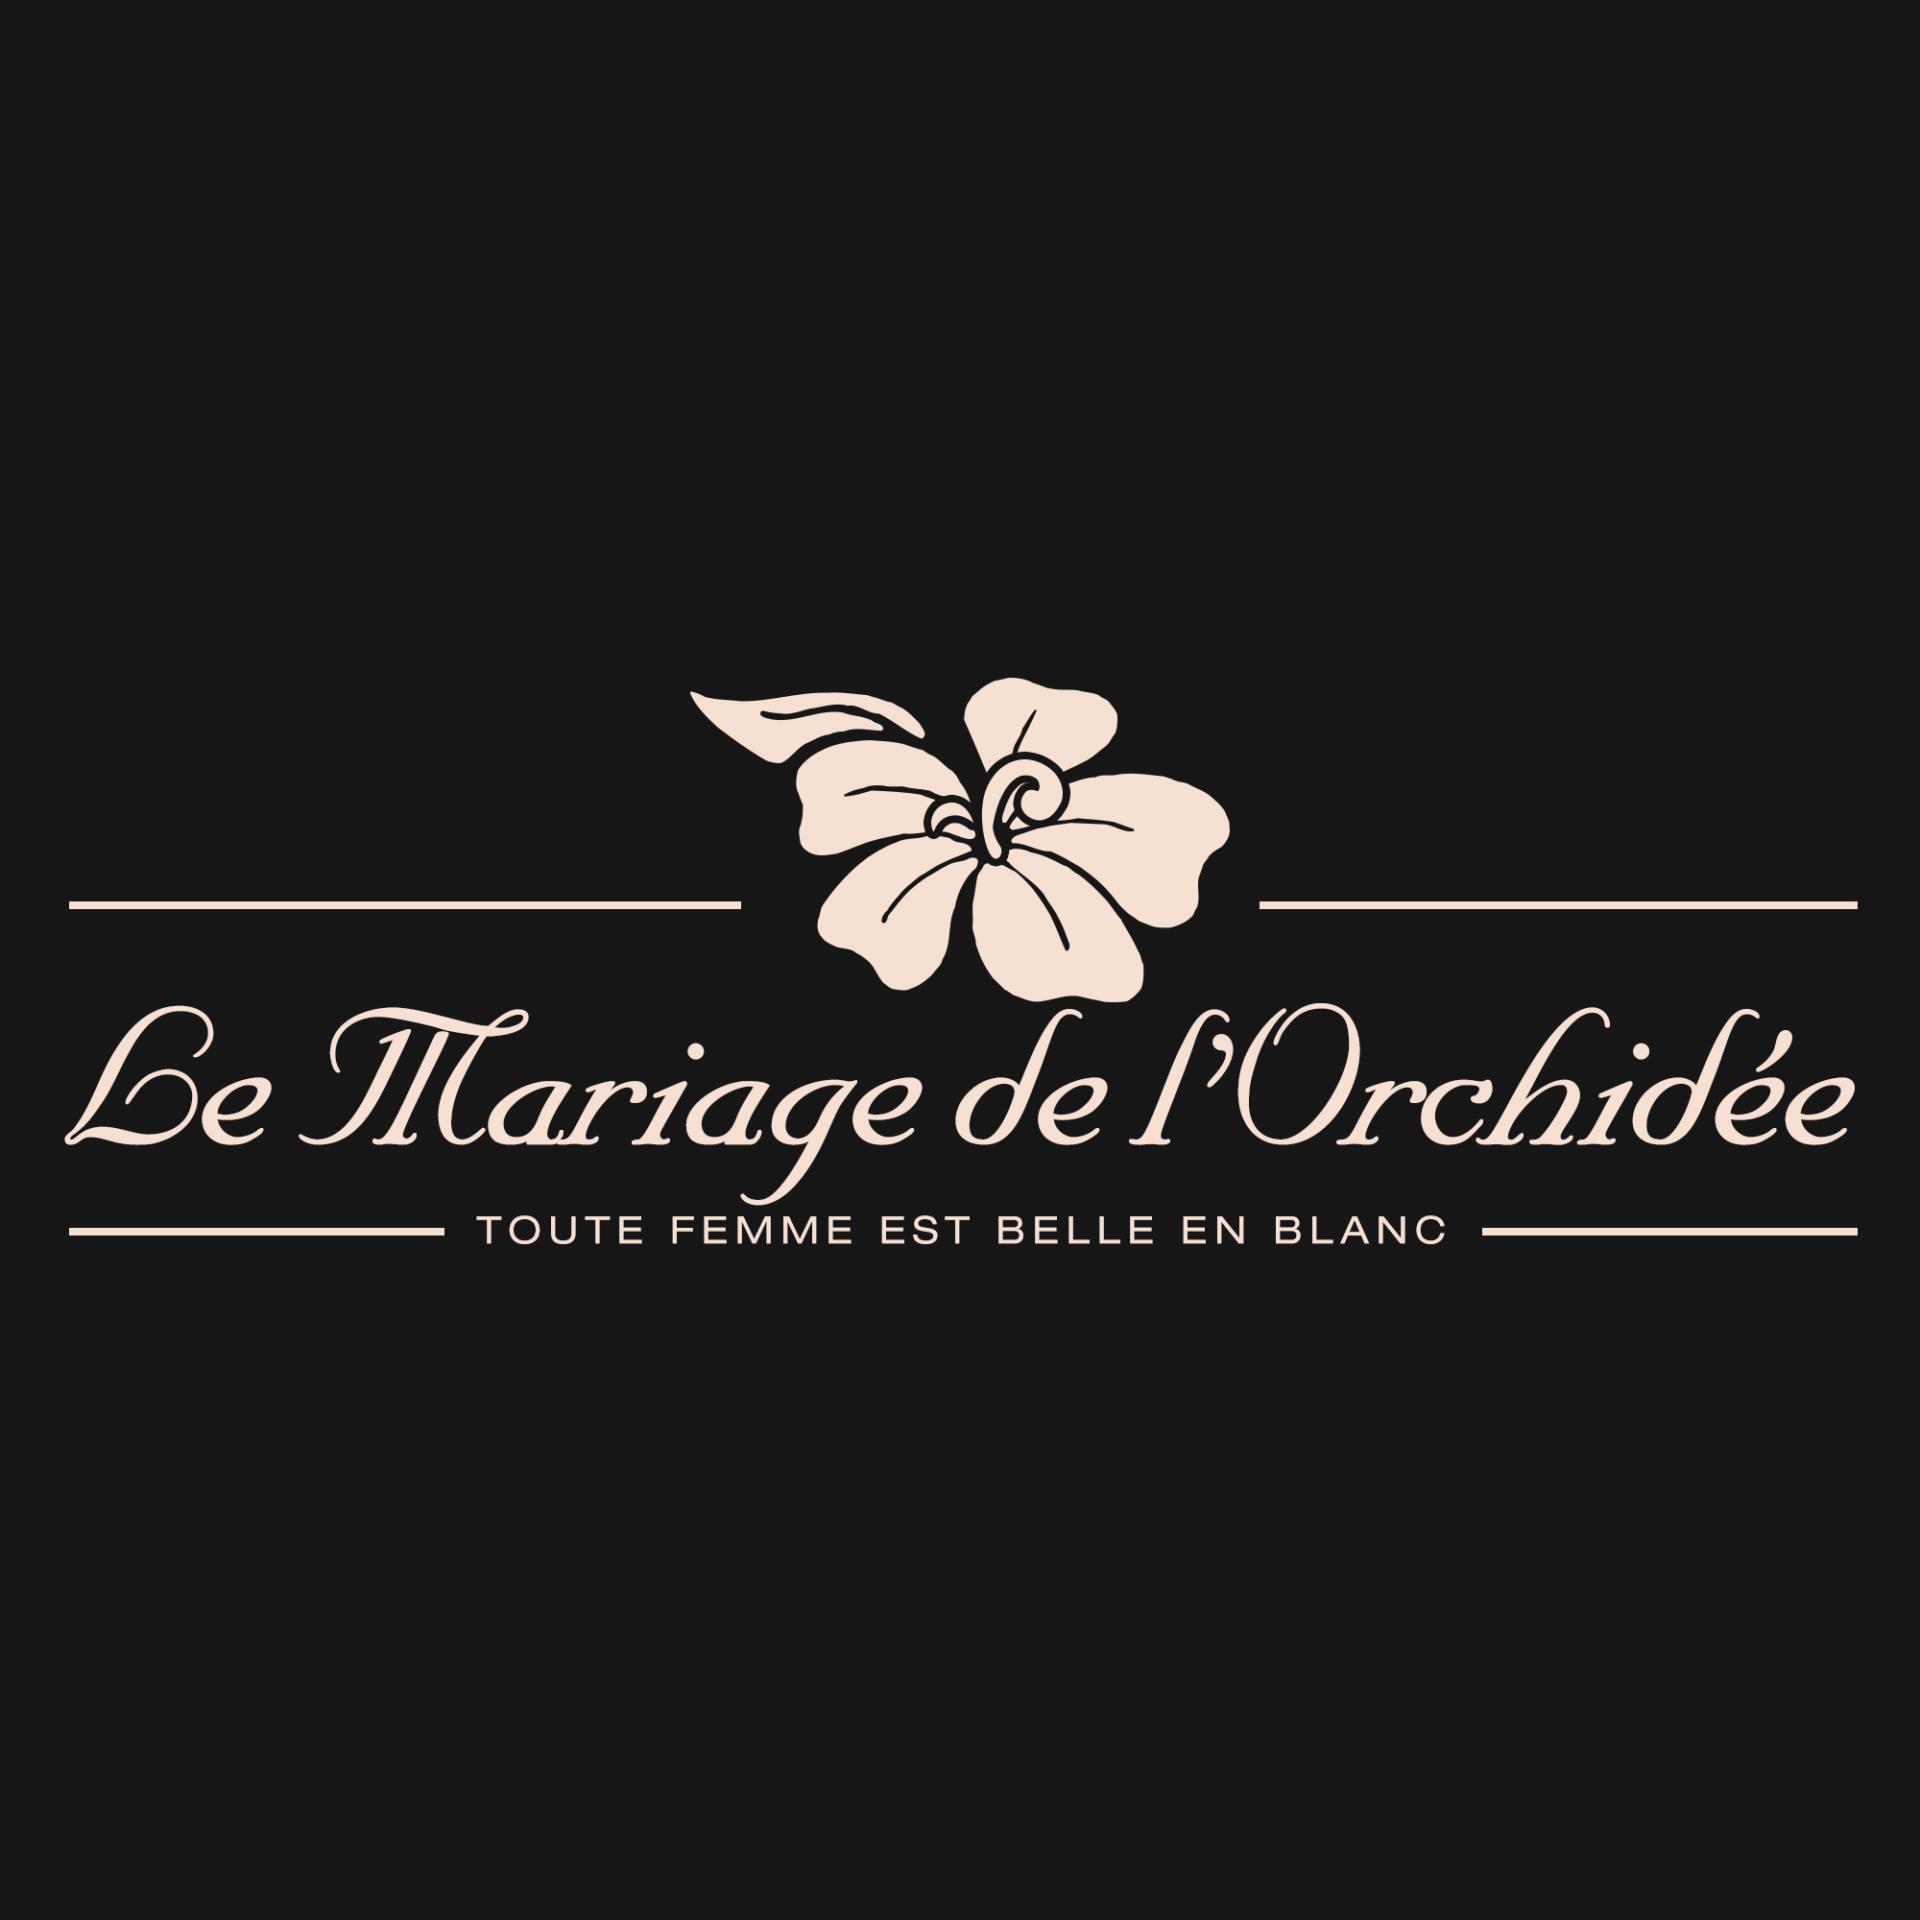 Le Mariage de l'Orchidee